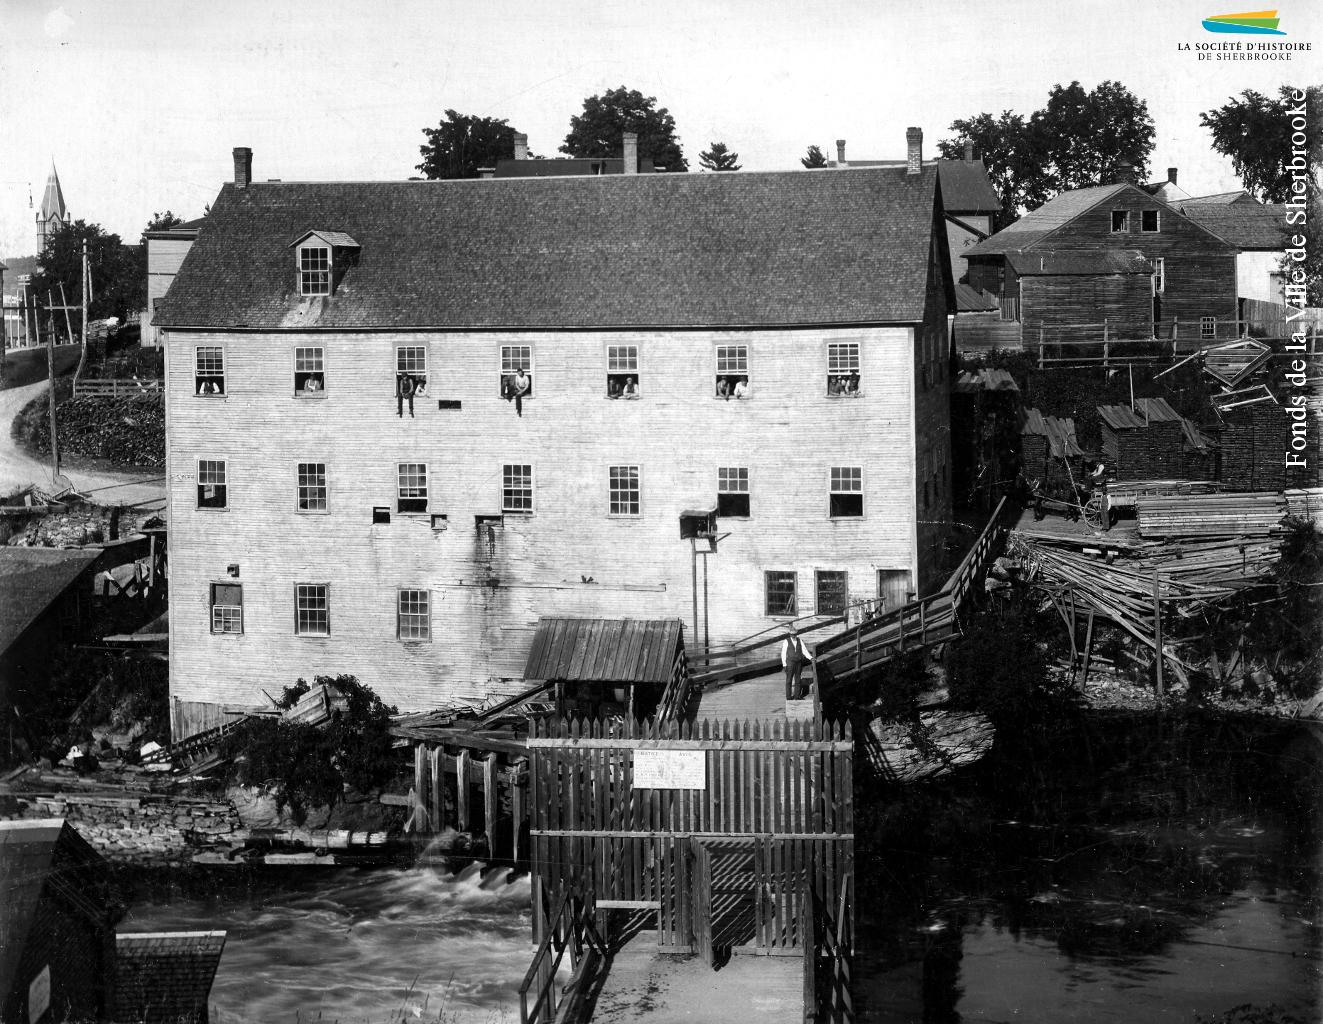 L'arrière de la manufacture de portes et fenêtres de <em>G.G. Bryant & Co.</em>, en 1890. Le bâtiment est situé le long de la rue Belvédère Nord, vis-à-vis du barrage no 2, visible au bas de la photographie.